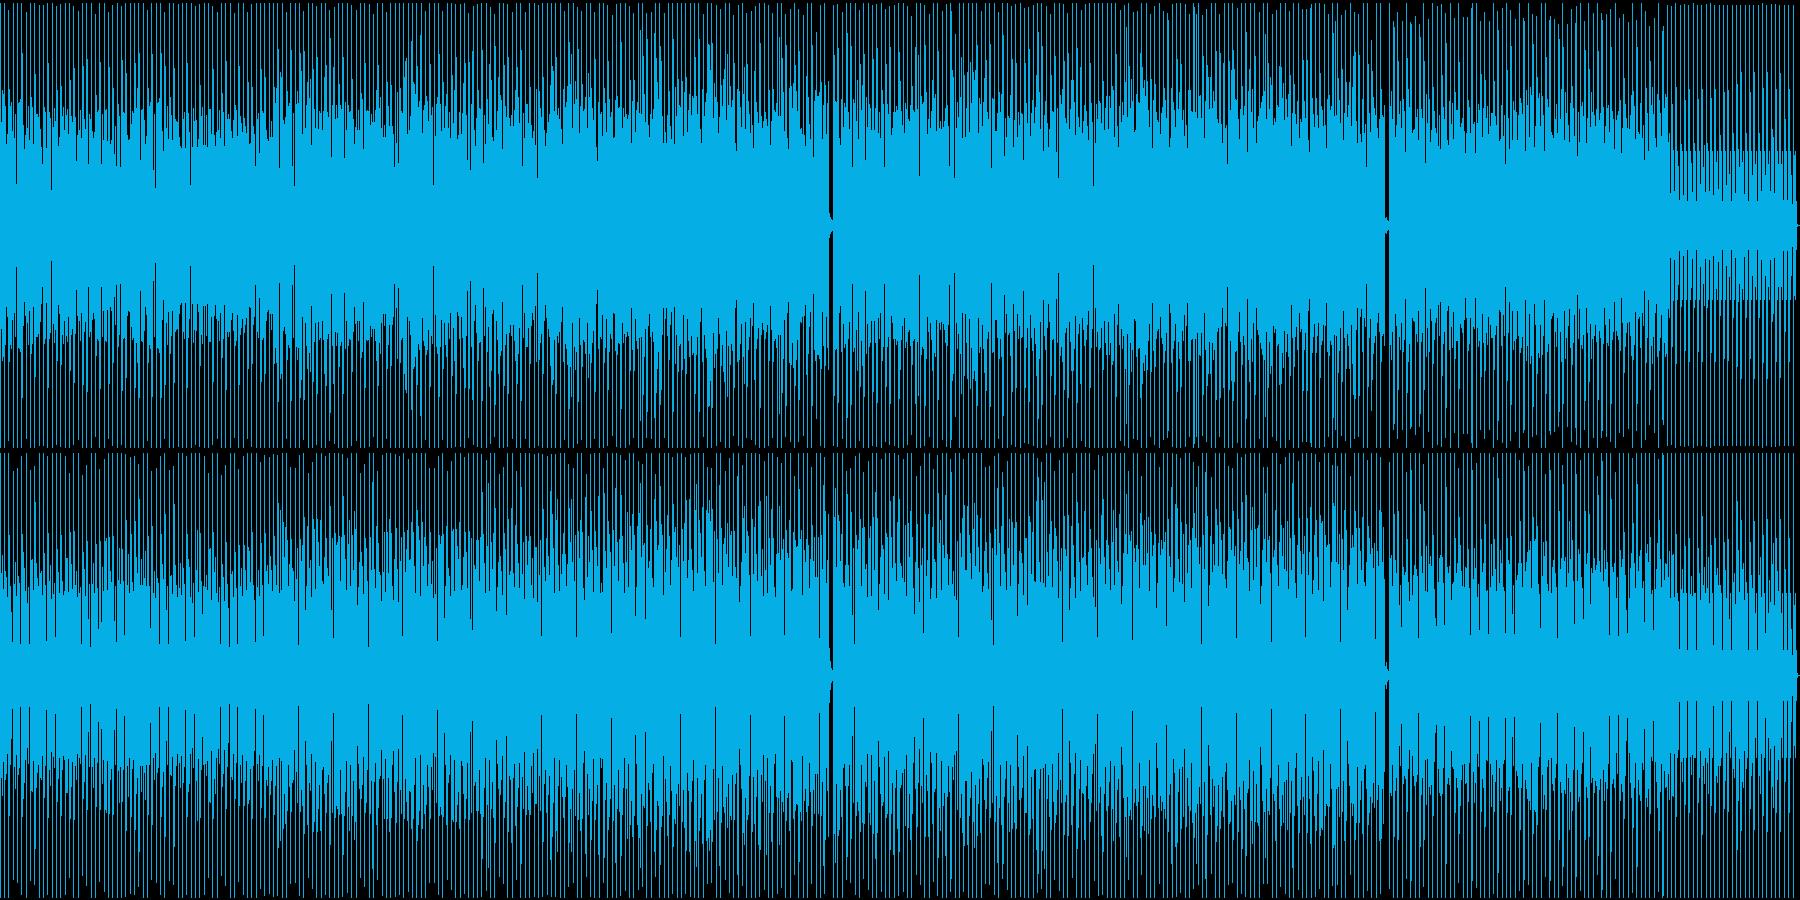 シャープな印象のBGMの再生済みの波形